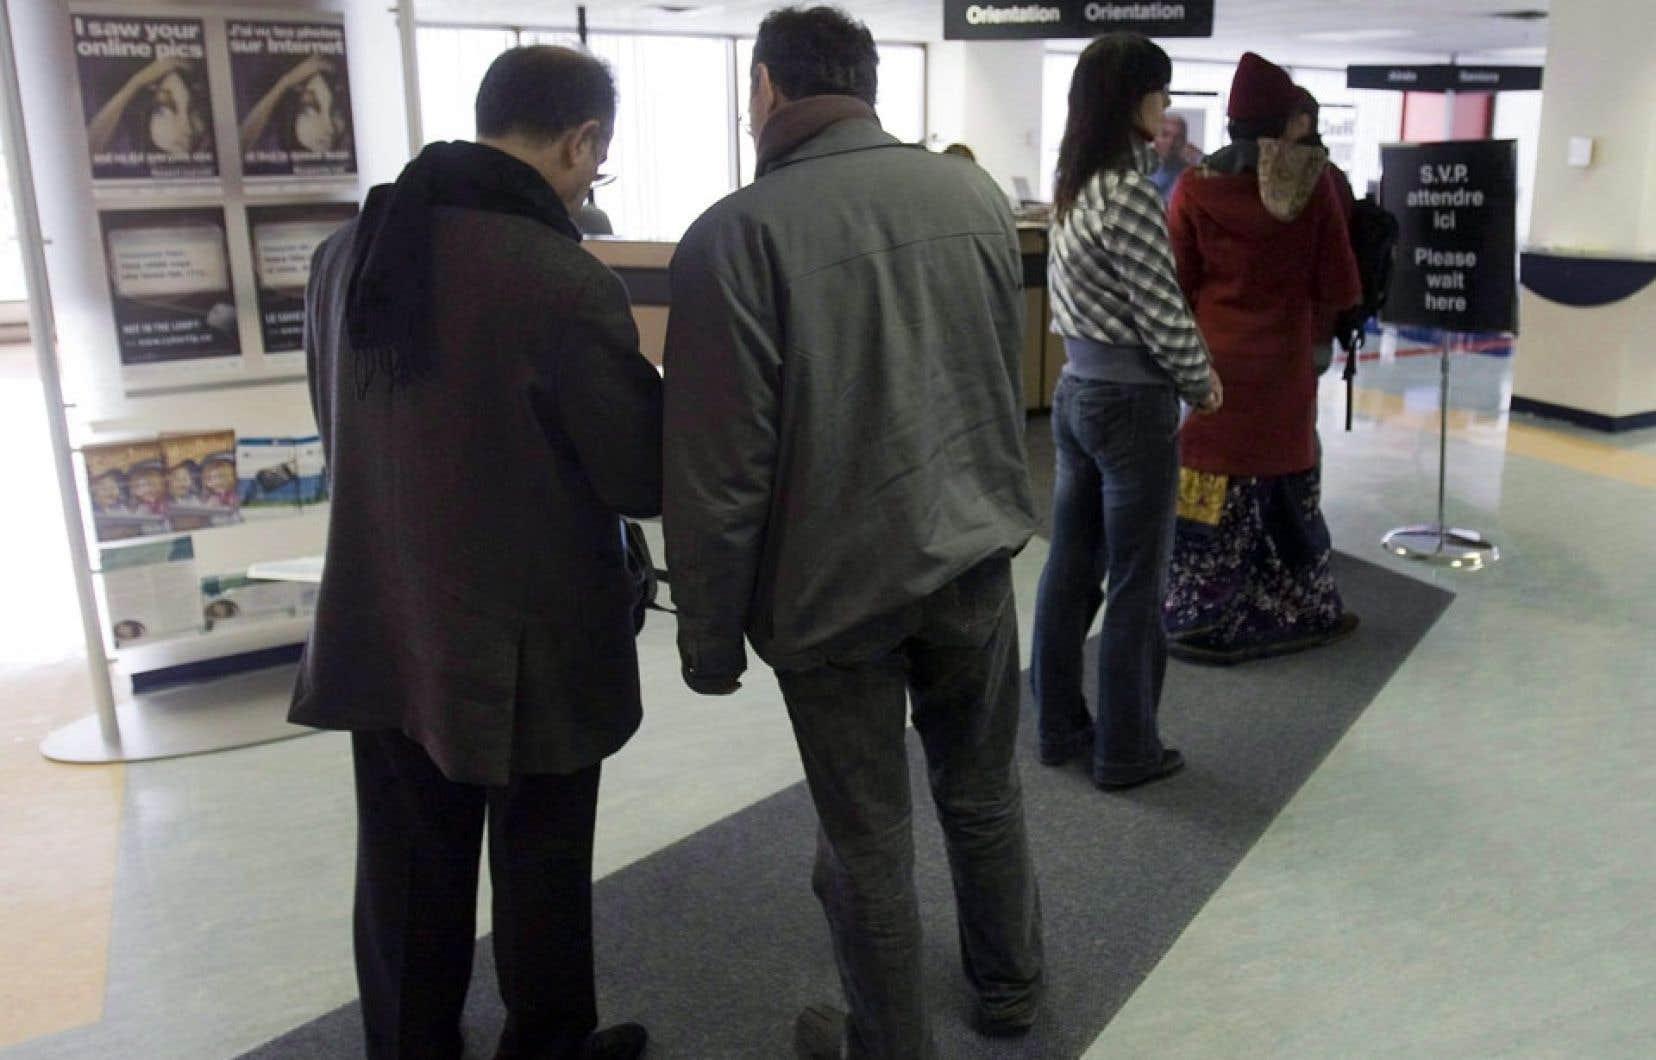 En chiffres absolus, on note qu'il y a eu 1,31 million de chômeurs en 2012-2013, une baisse de 2,6 % attribuable à l'amélioration de la situation économique au Canada.